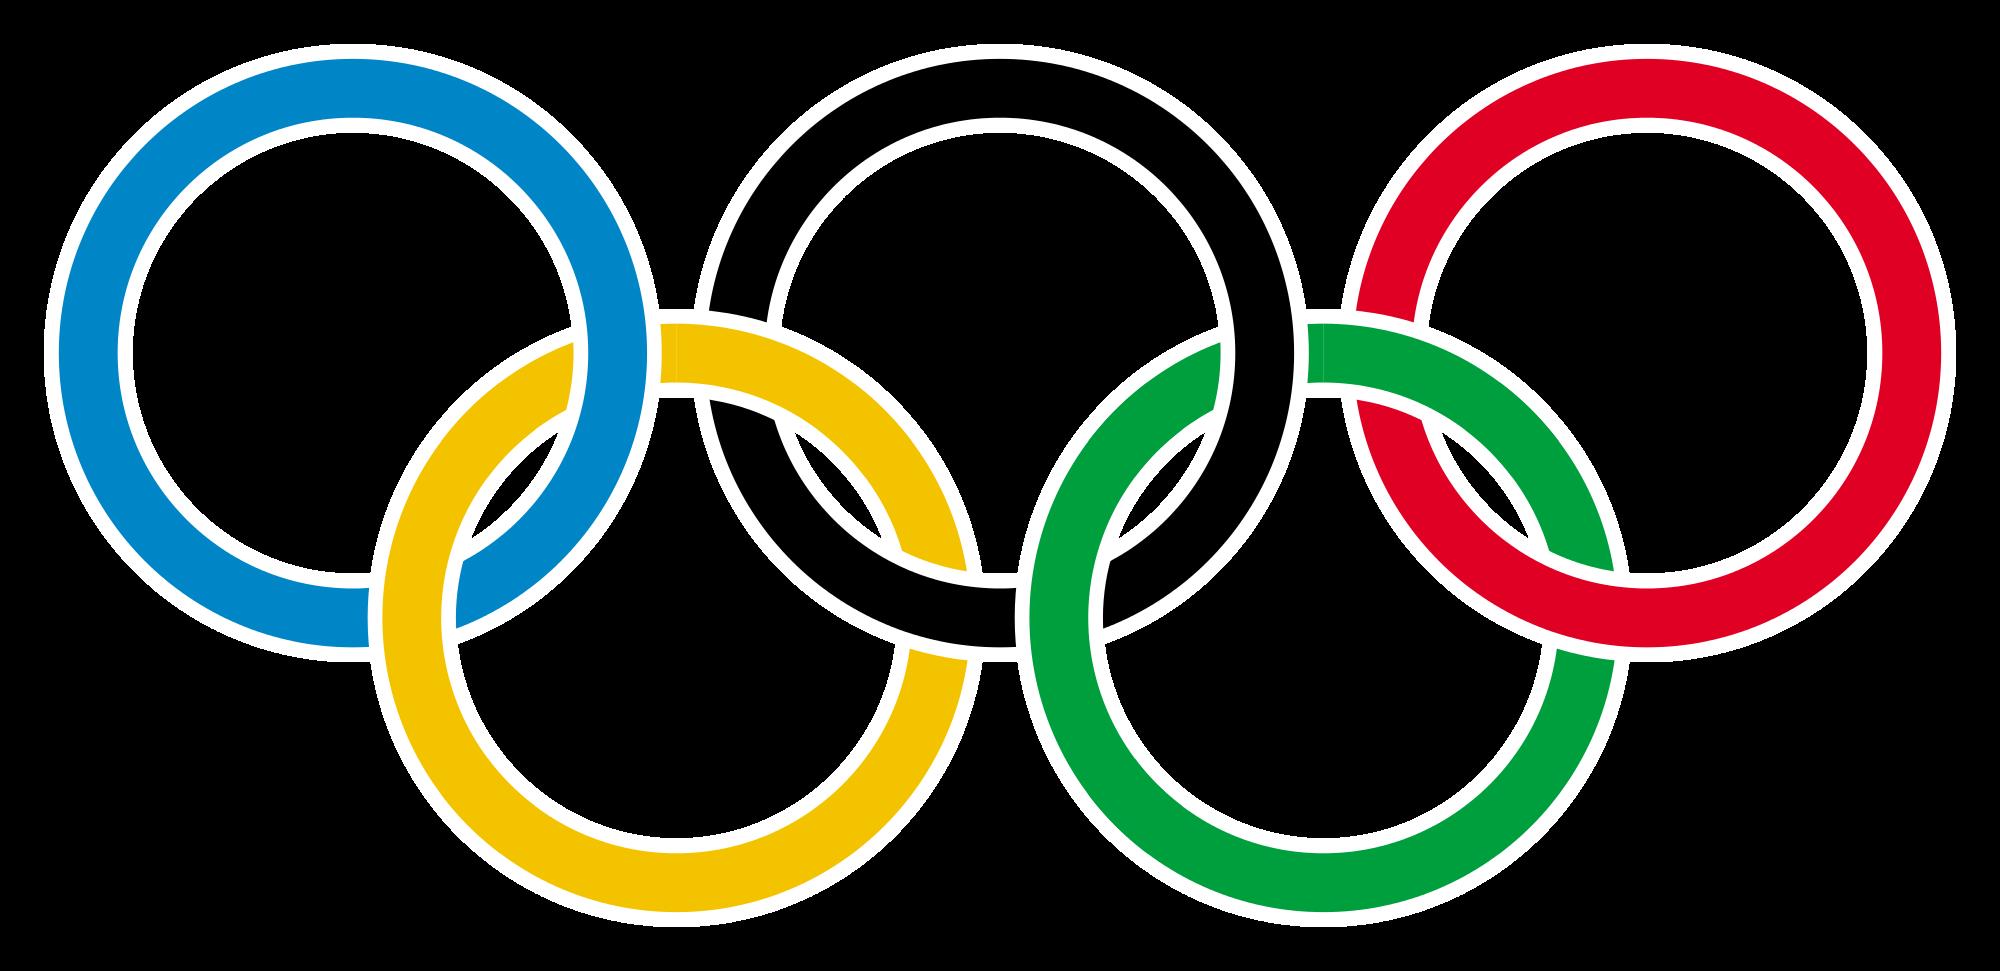 Einen Olympischen Ring für die Arktis?